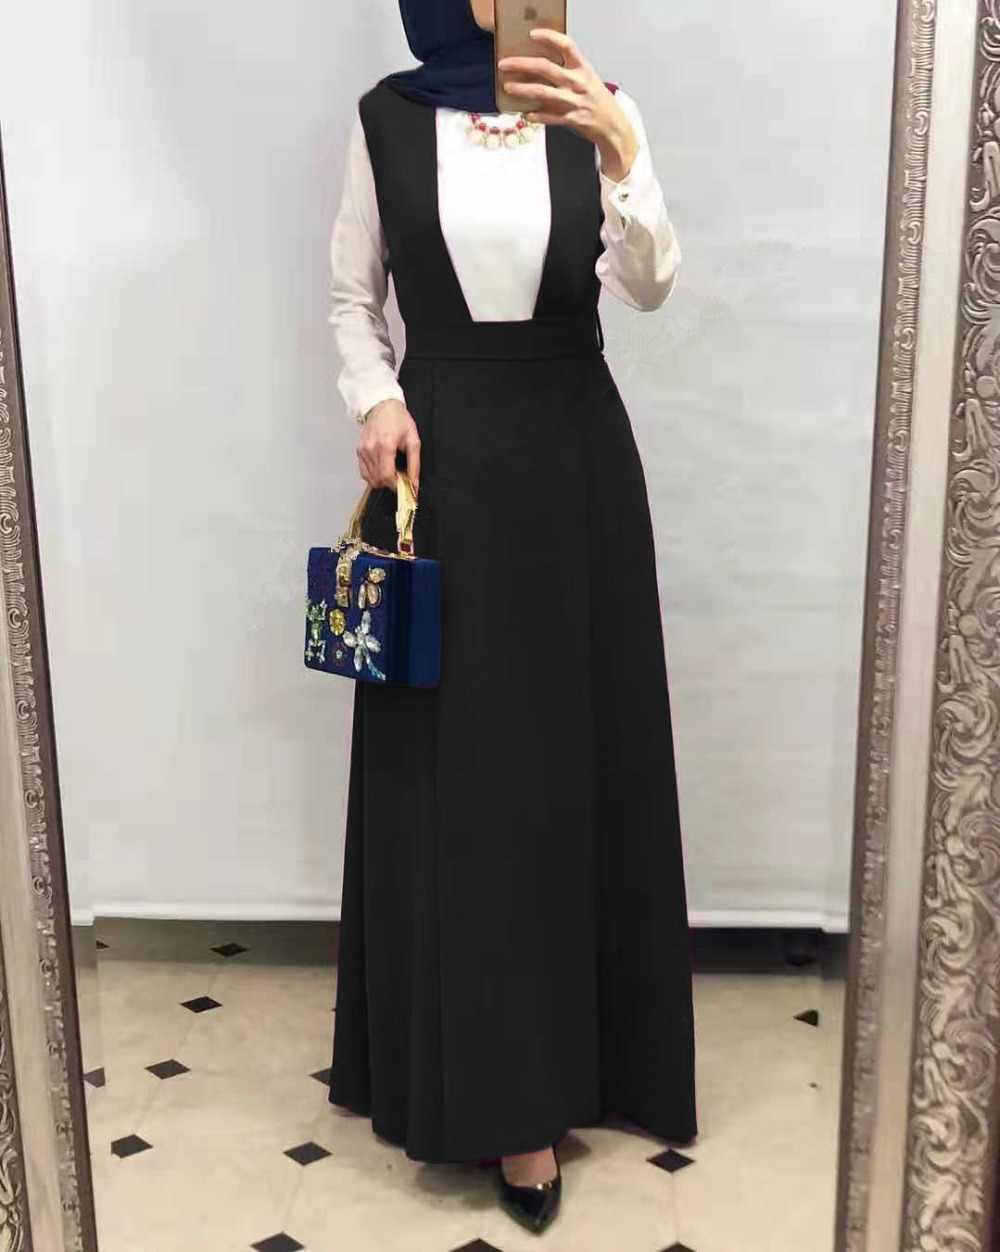 Dubai Frauen Muslimischen Maxi Langen Rock Phantasie Overall Mit Zurück Gürtel Plain Rosa Rose Schwarz Abaya Große Größe Robe Fimtairah